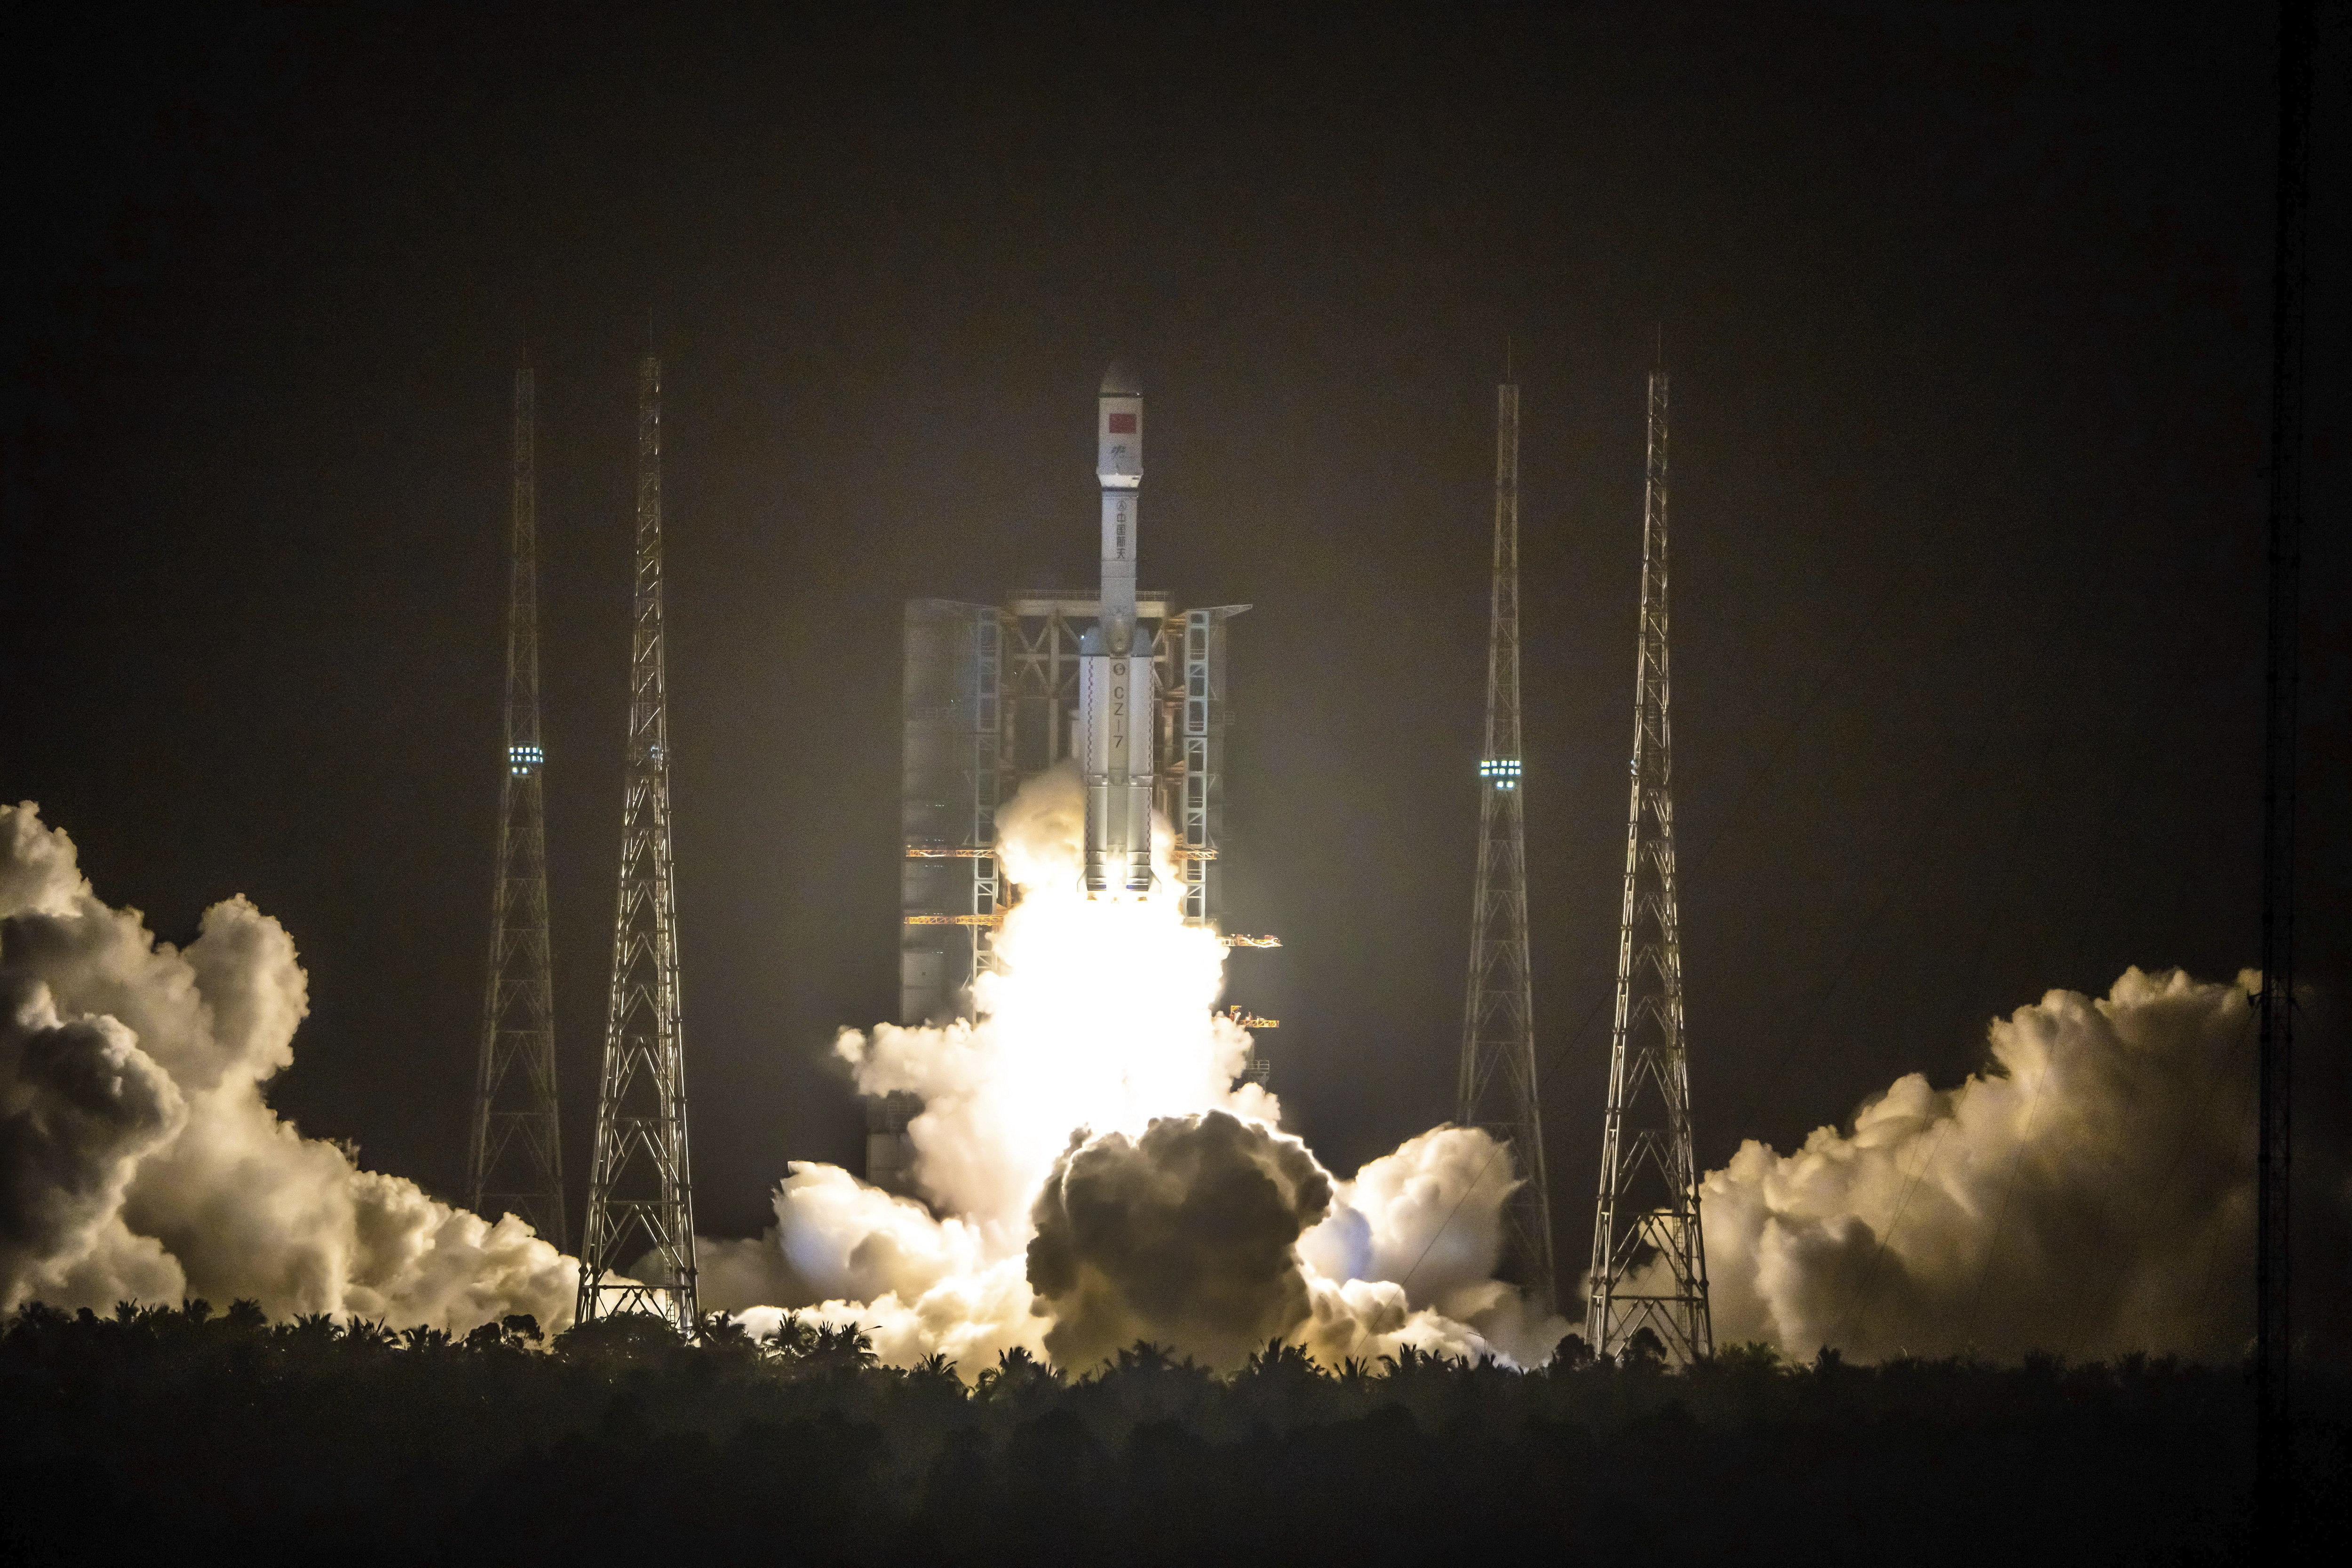 Megérkezett az első űrhajó a kínai űrállomásra